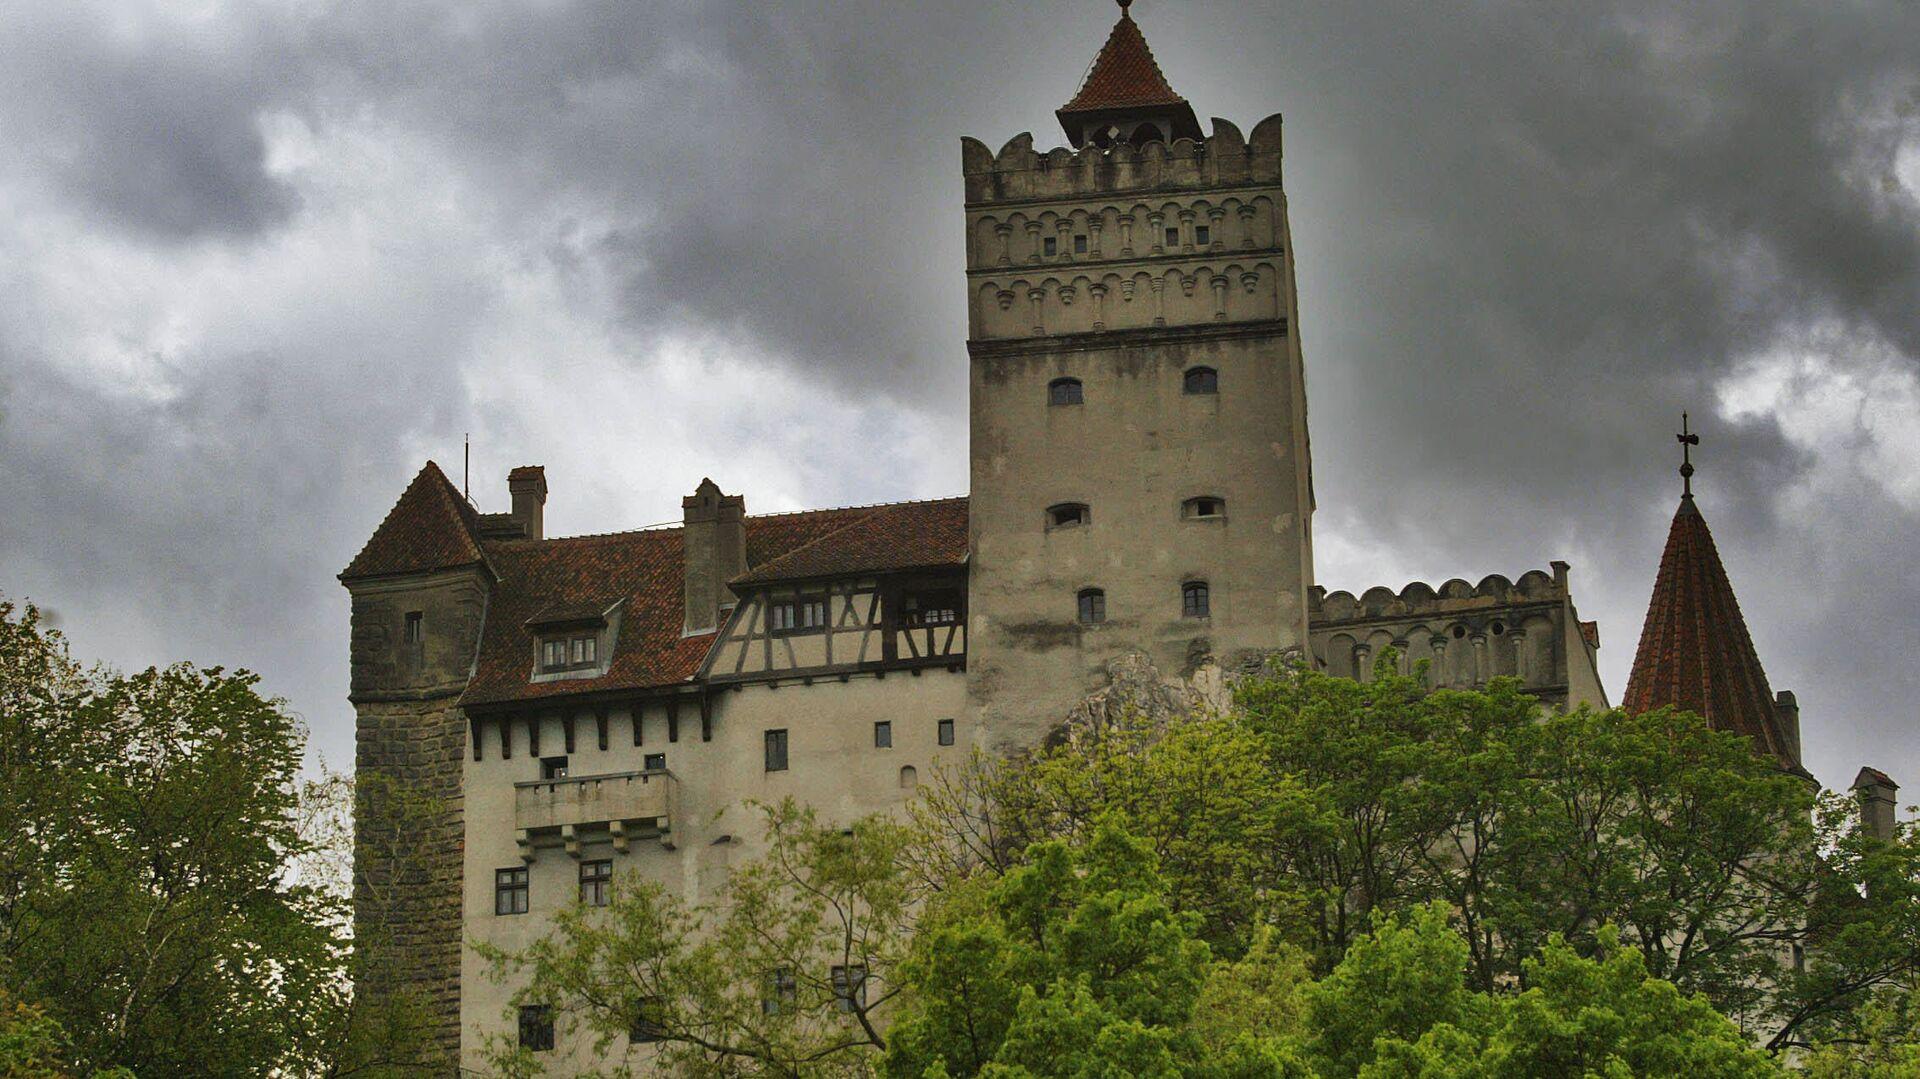 Castello del conte Dracula - Sputnik Italia, 1920, 17.05.2021